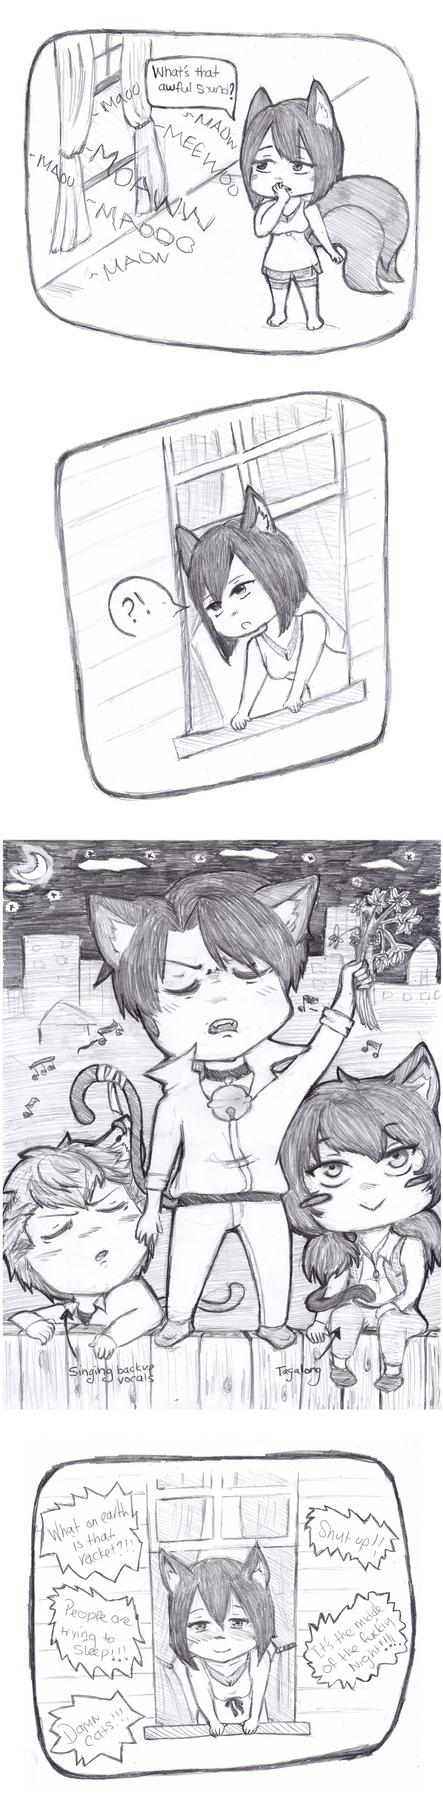 Kitty/Kitsune AU: Serenade by Zerolr-RM